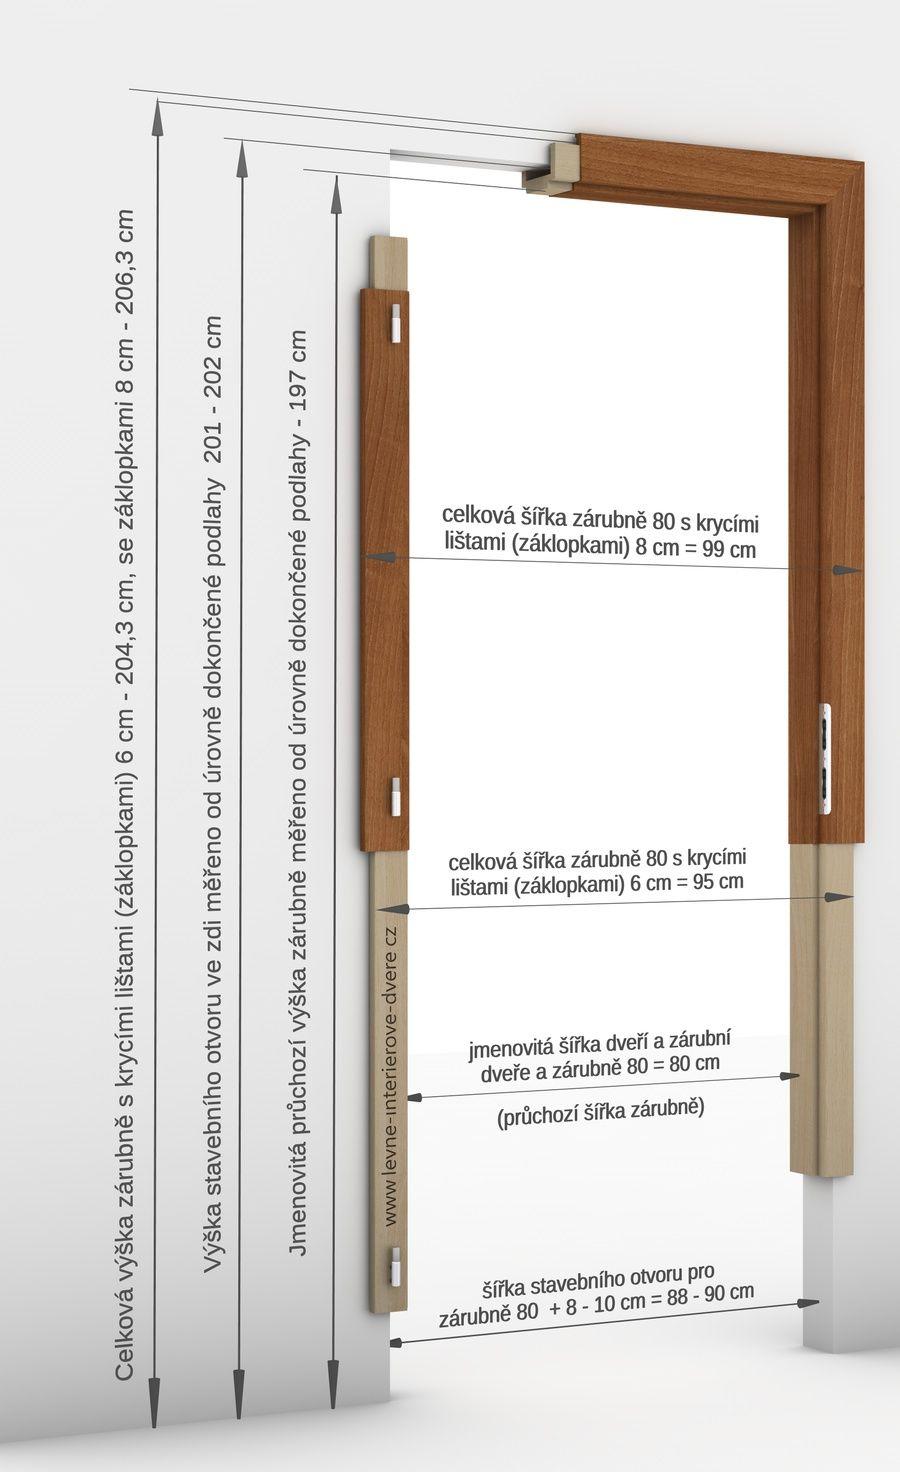 rozmery-stavebnich-otvoru-pro-oblozkove-zarubne